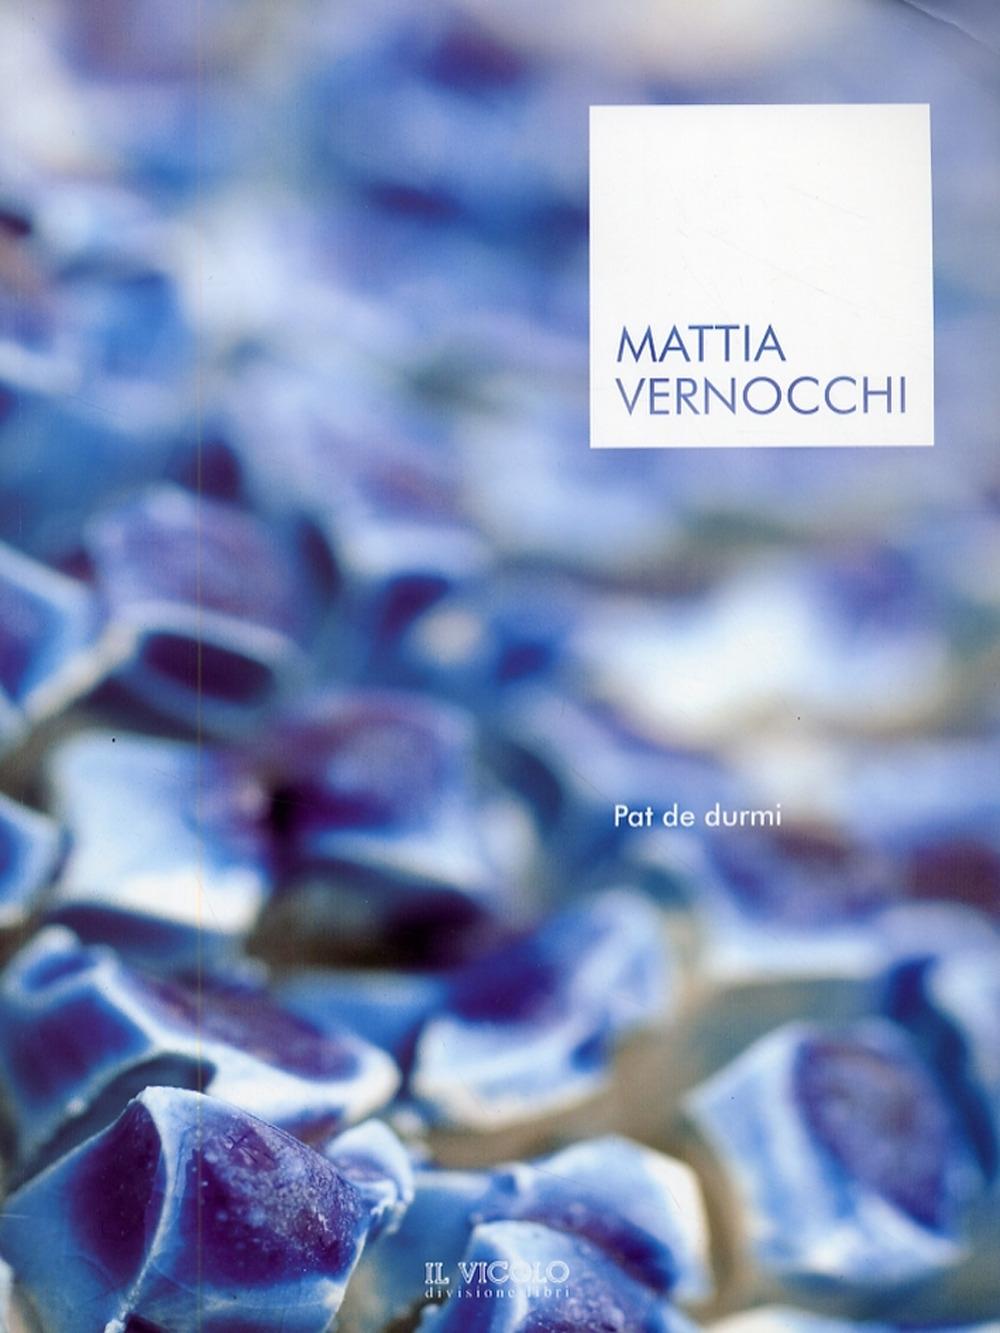 Mattia Vernocchi. Pat de durmi.